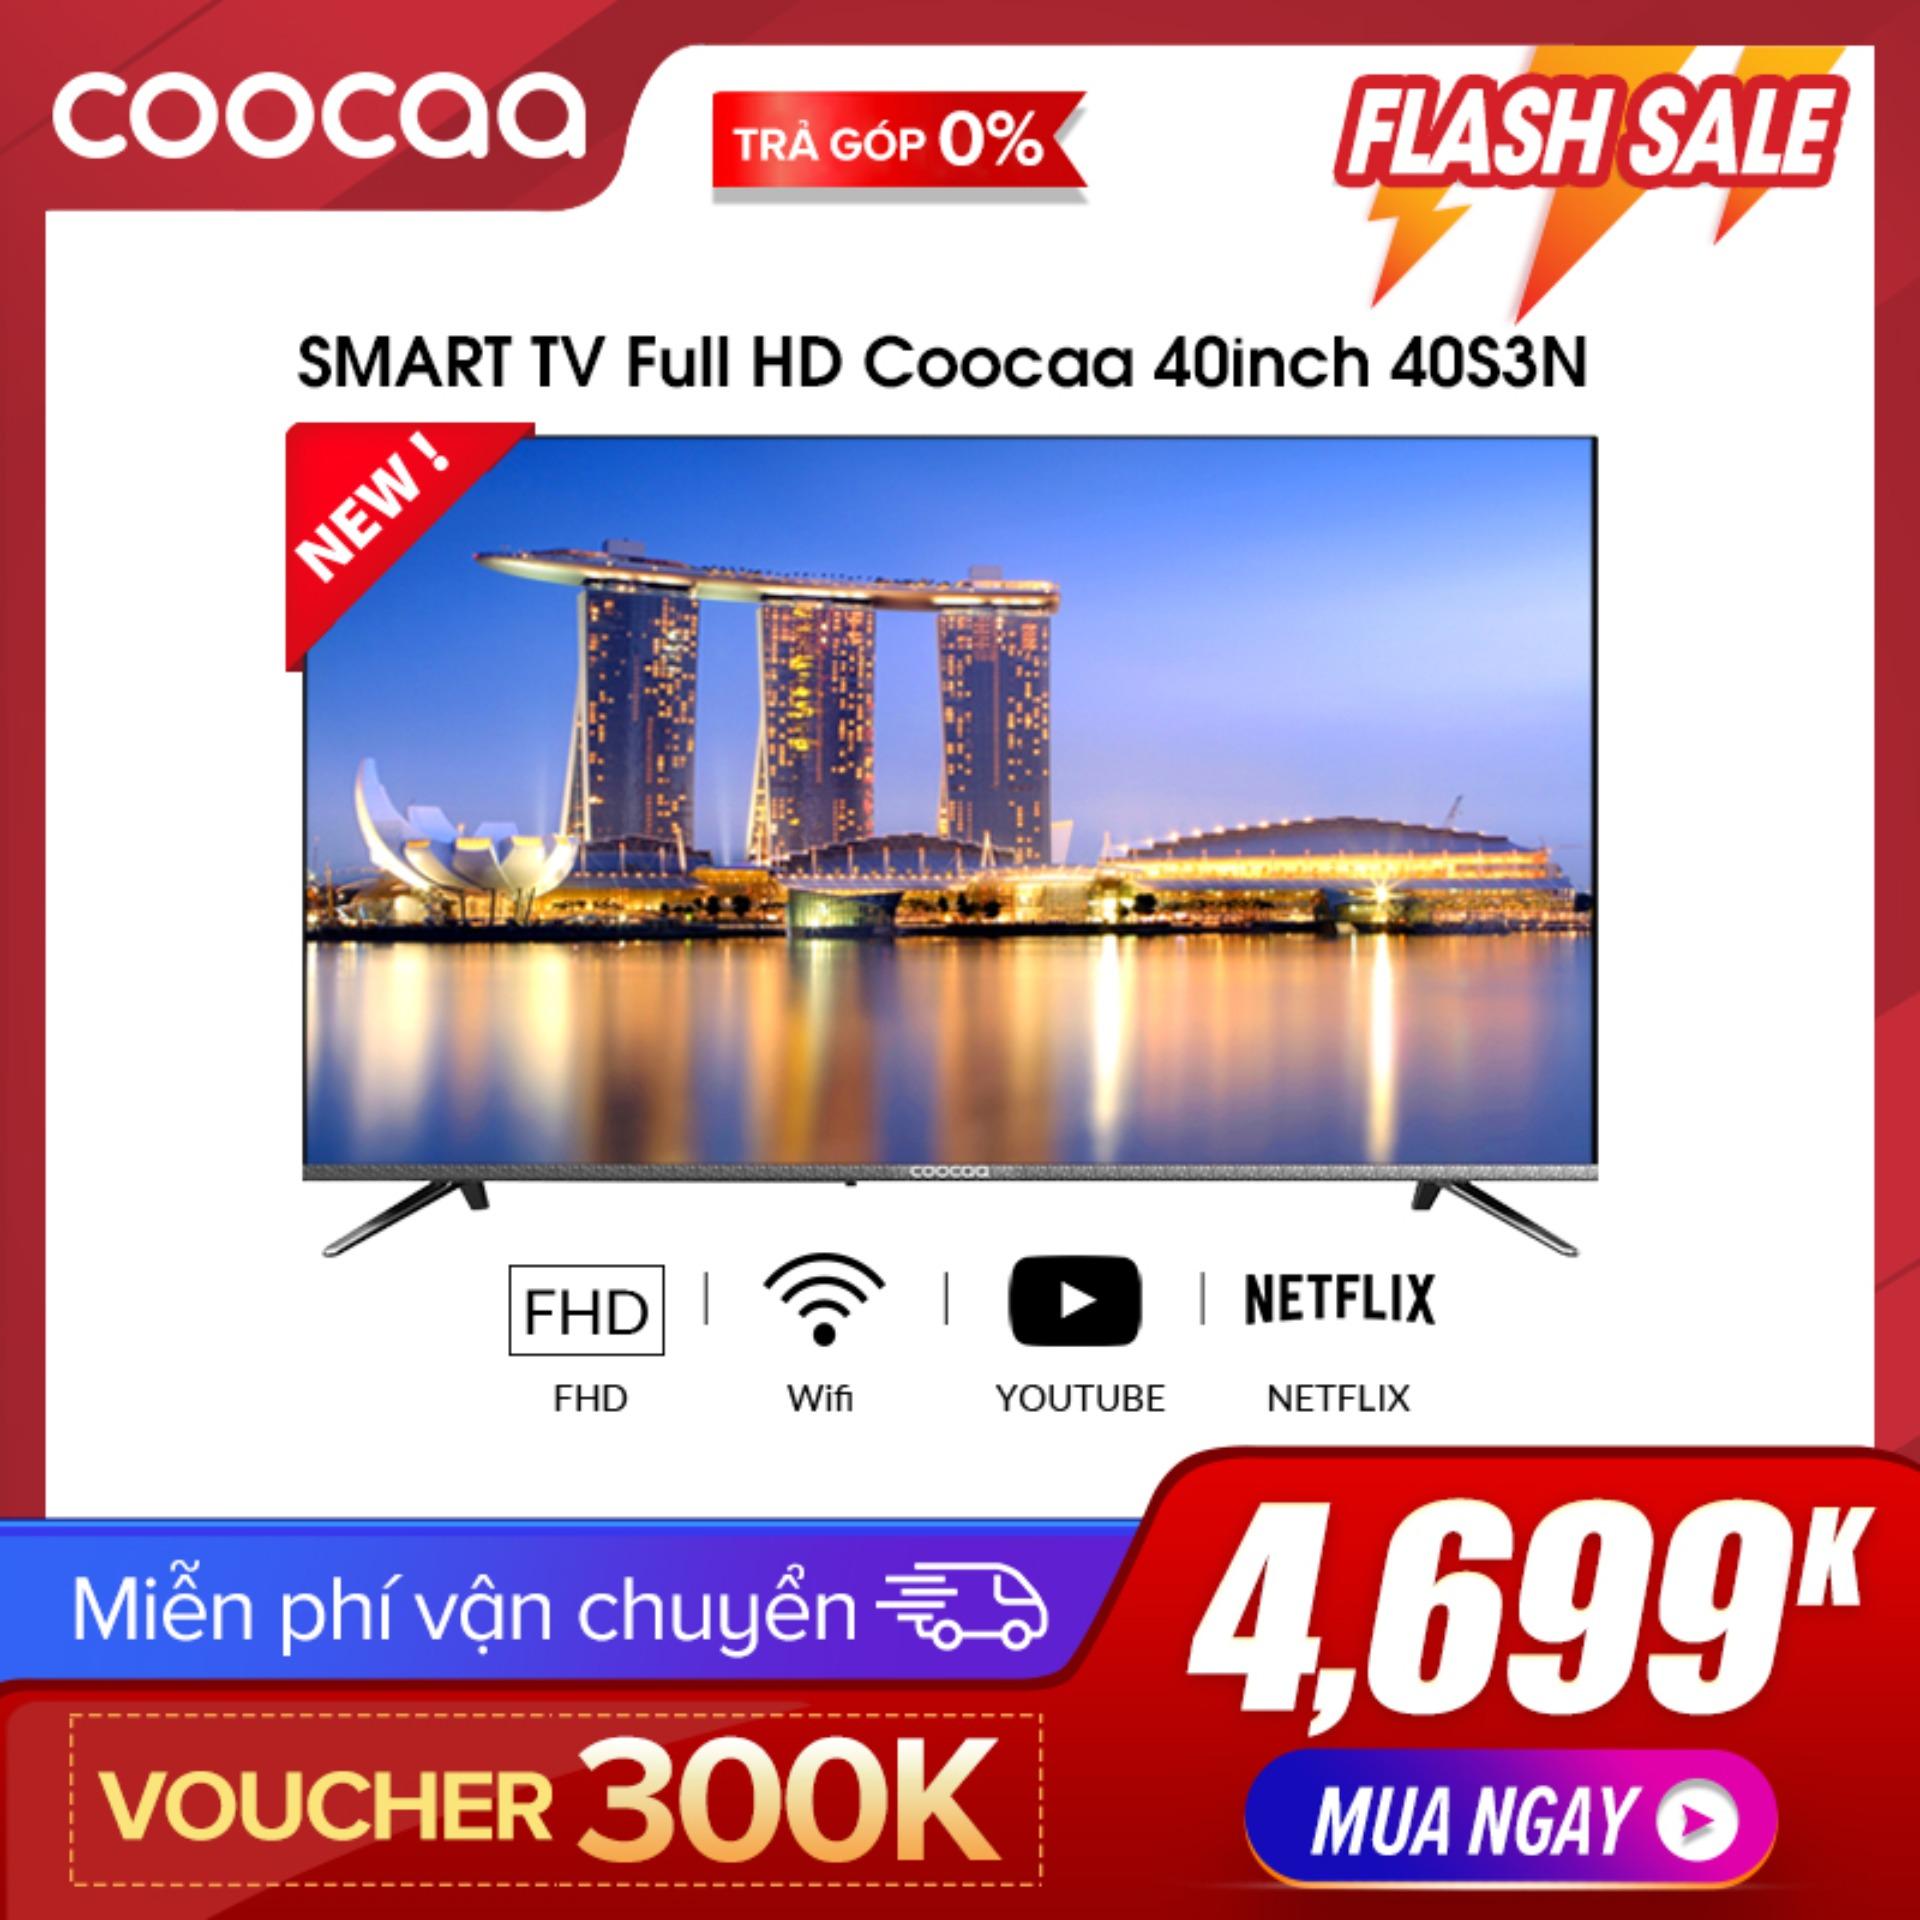 Bảng giá [Hàng mới về] SMART TV Full HD Coocaa 40 inch tivi - Tràn viền - Model 40S3N (Bạc) - 43 Chân viền kim loại tivi giá rẻ nhất Điện máy Pico